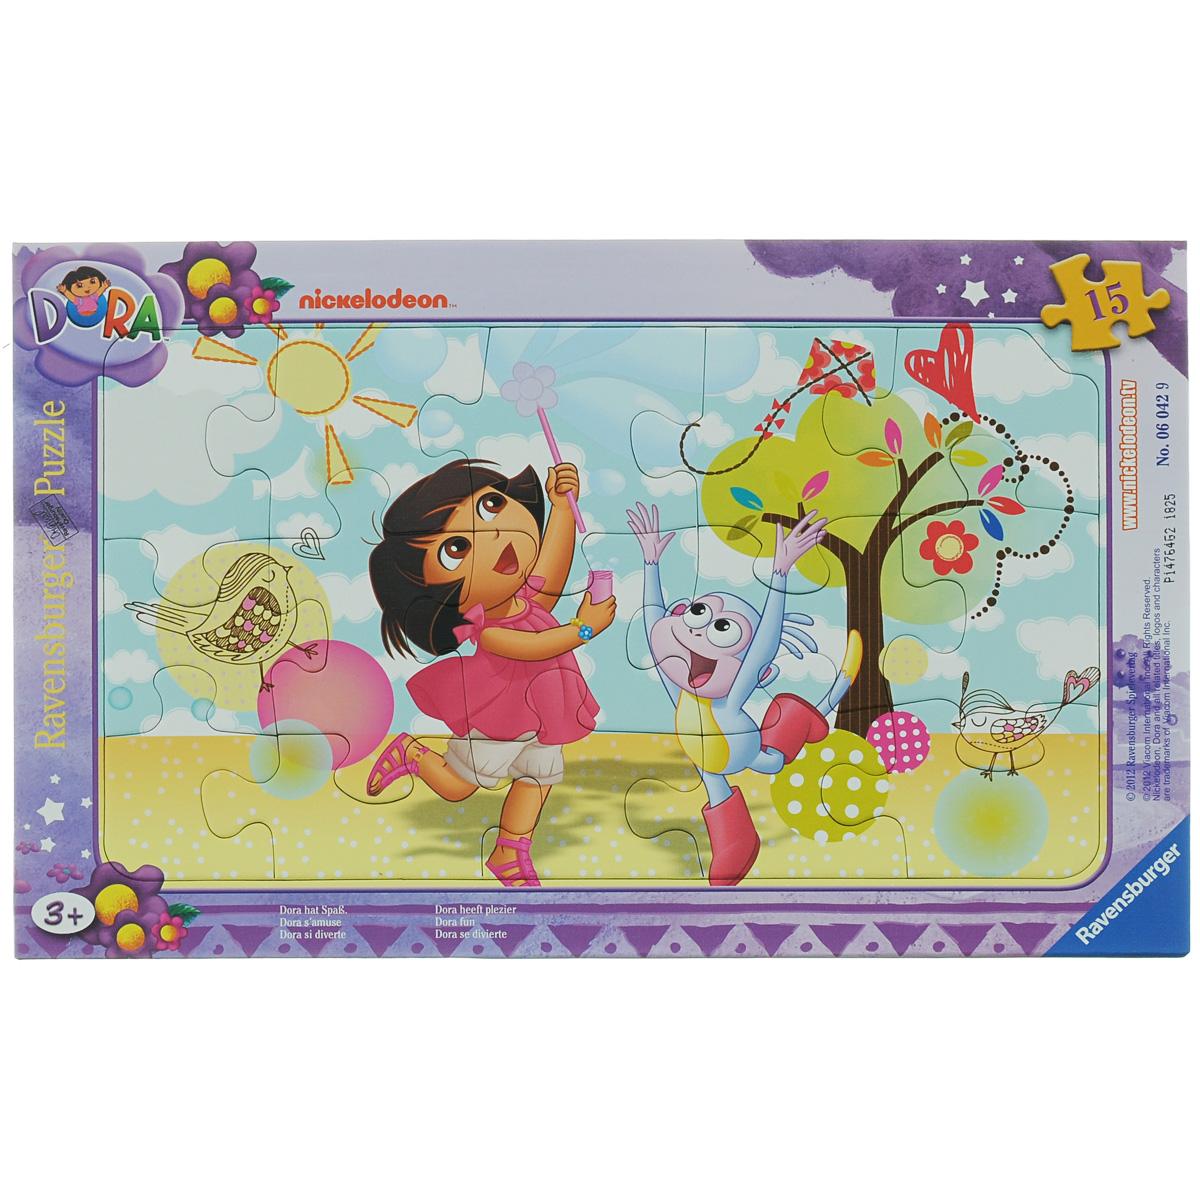 Ravensburger Веселая Дора. Пазл, 15 элементов06042Пазл Ravensburger Веселая Дора, несомненно, понравится вашему ребенку. Собрав этот пазл, включающий в себя 15 крупных элементов, вы получите замечательную картинку с изображением малышки Доры. Пазл собирается на специальной картонной подложке. Пазлы - замечательная развивающая игра для детей. Собирание пазла развивает у ребенка мелкую моторику рук, тренирует наблюдательность, логическое мышление, знакомит с окружающим миром, с цветом и разнообразными формами, учит усидчивости и терпению, аккуратности и вниманию.